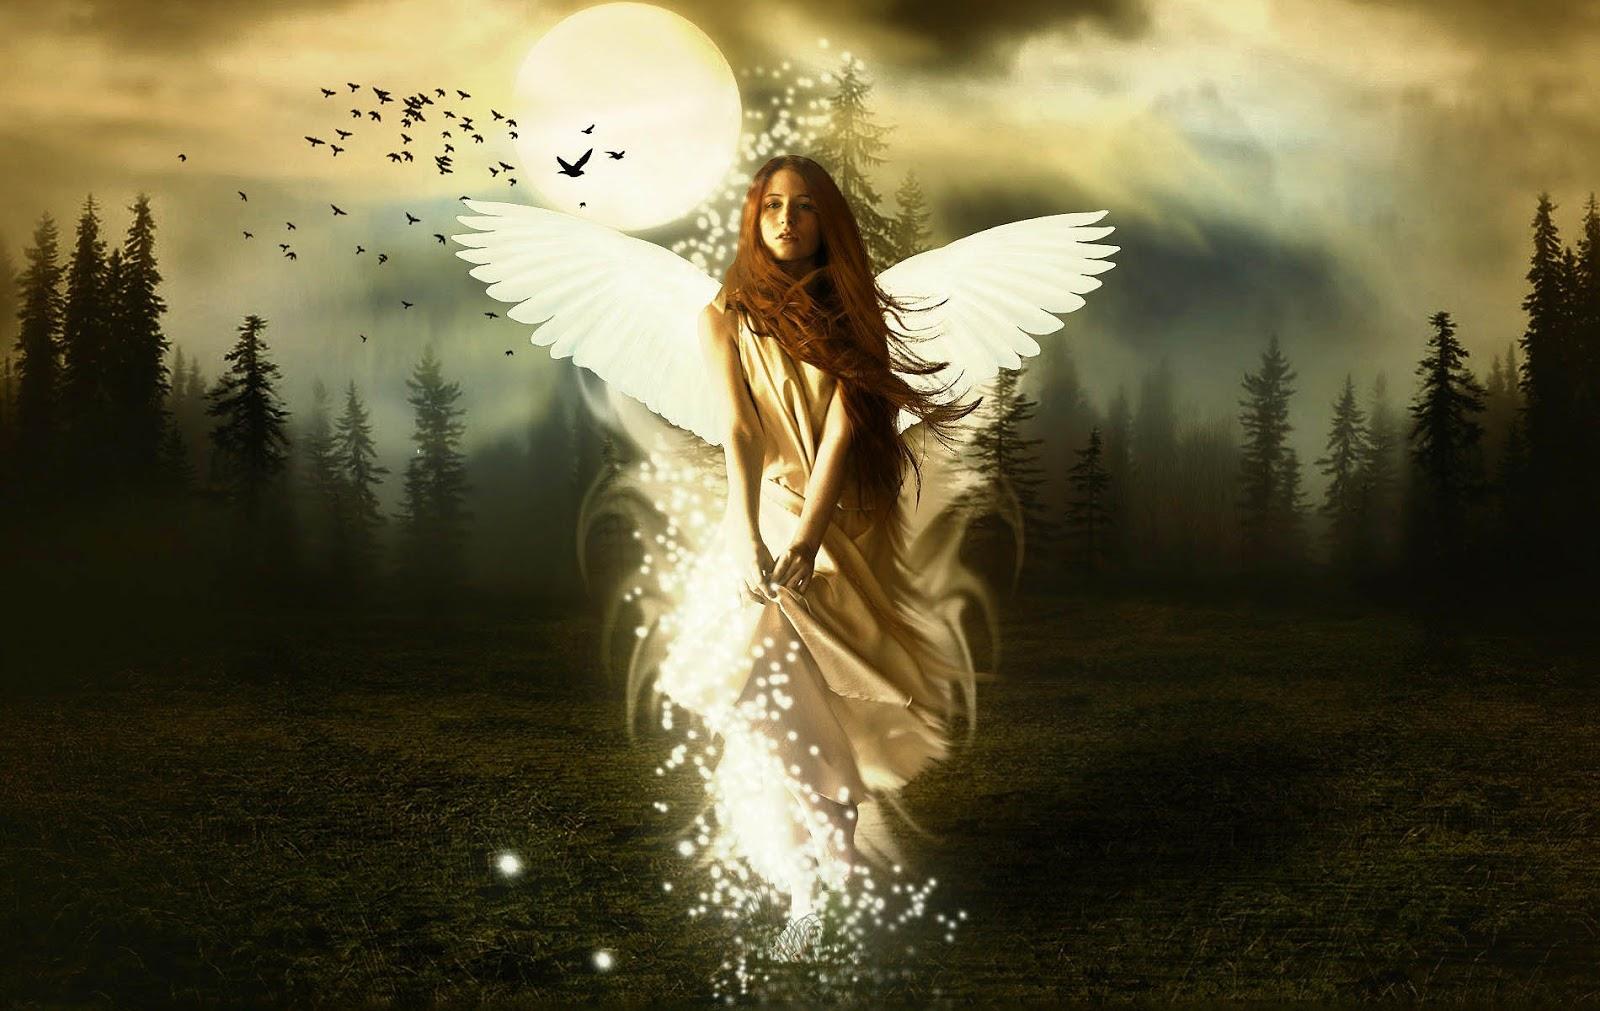 http://4.bp.blogspot.com/-l3SN87aZRBo/TsENPWxN1DI/AAAAAAAASqU/sCg9XWBnFFo/s1600/Mooie-engel-achtergronden-hd-engel-wallpapers-angel-afbeelding-plaatje-10.jpg